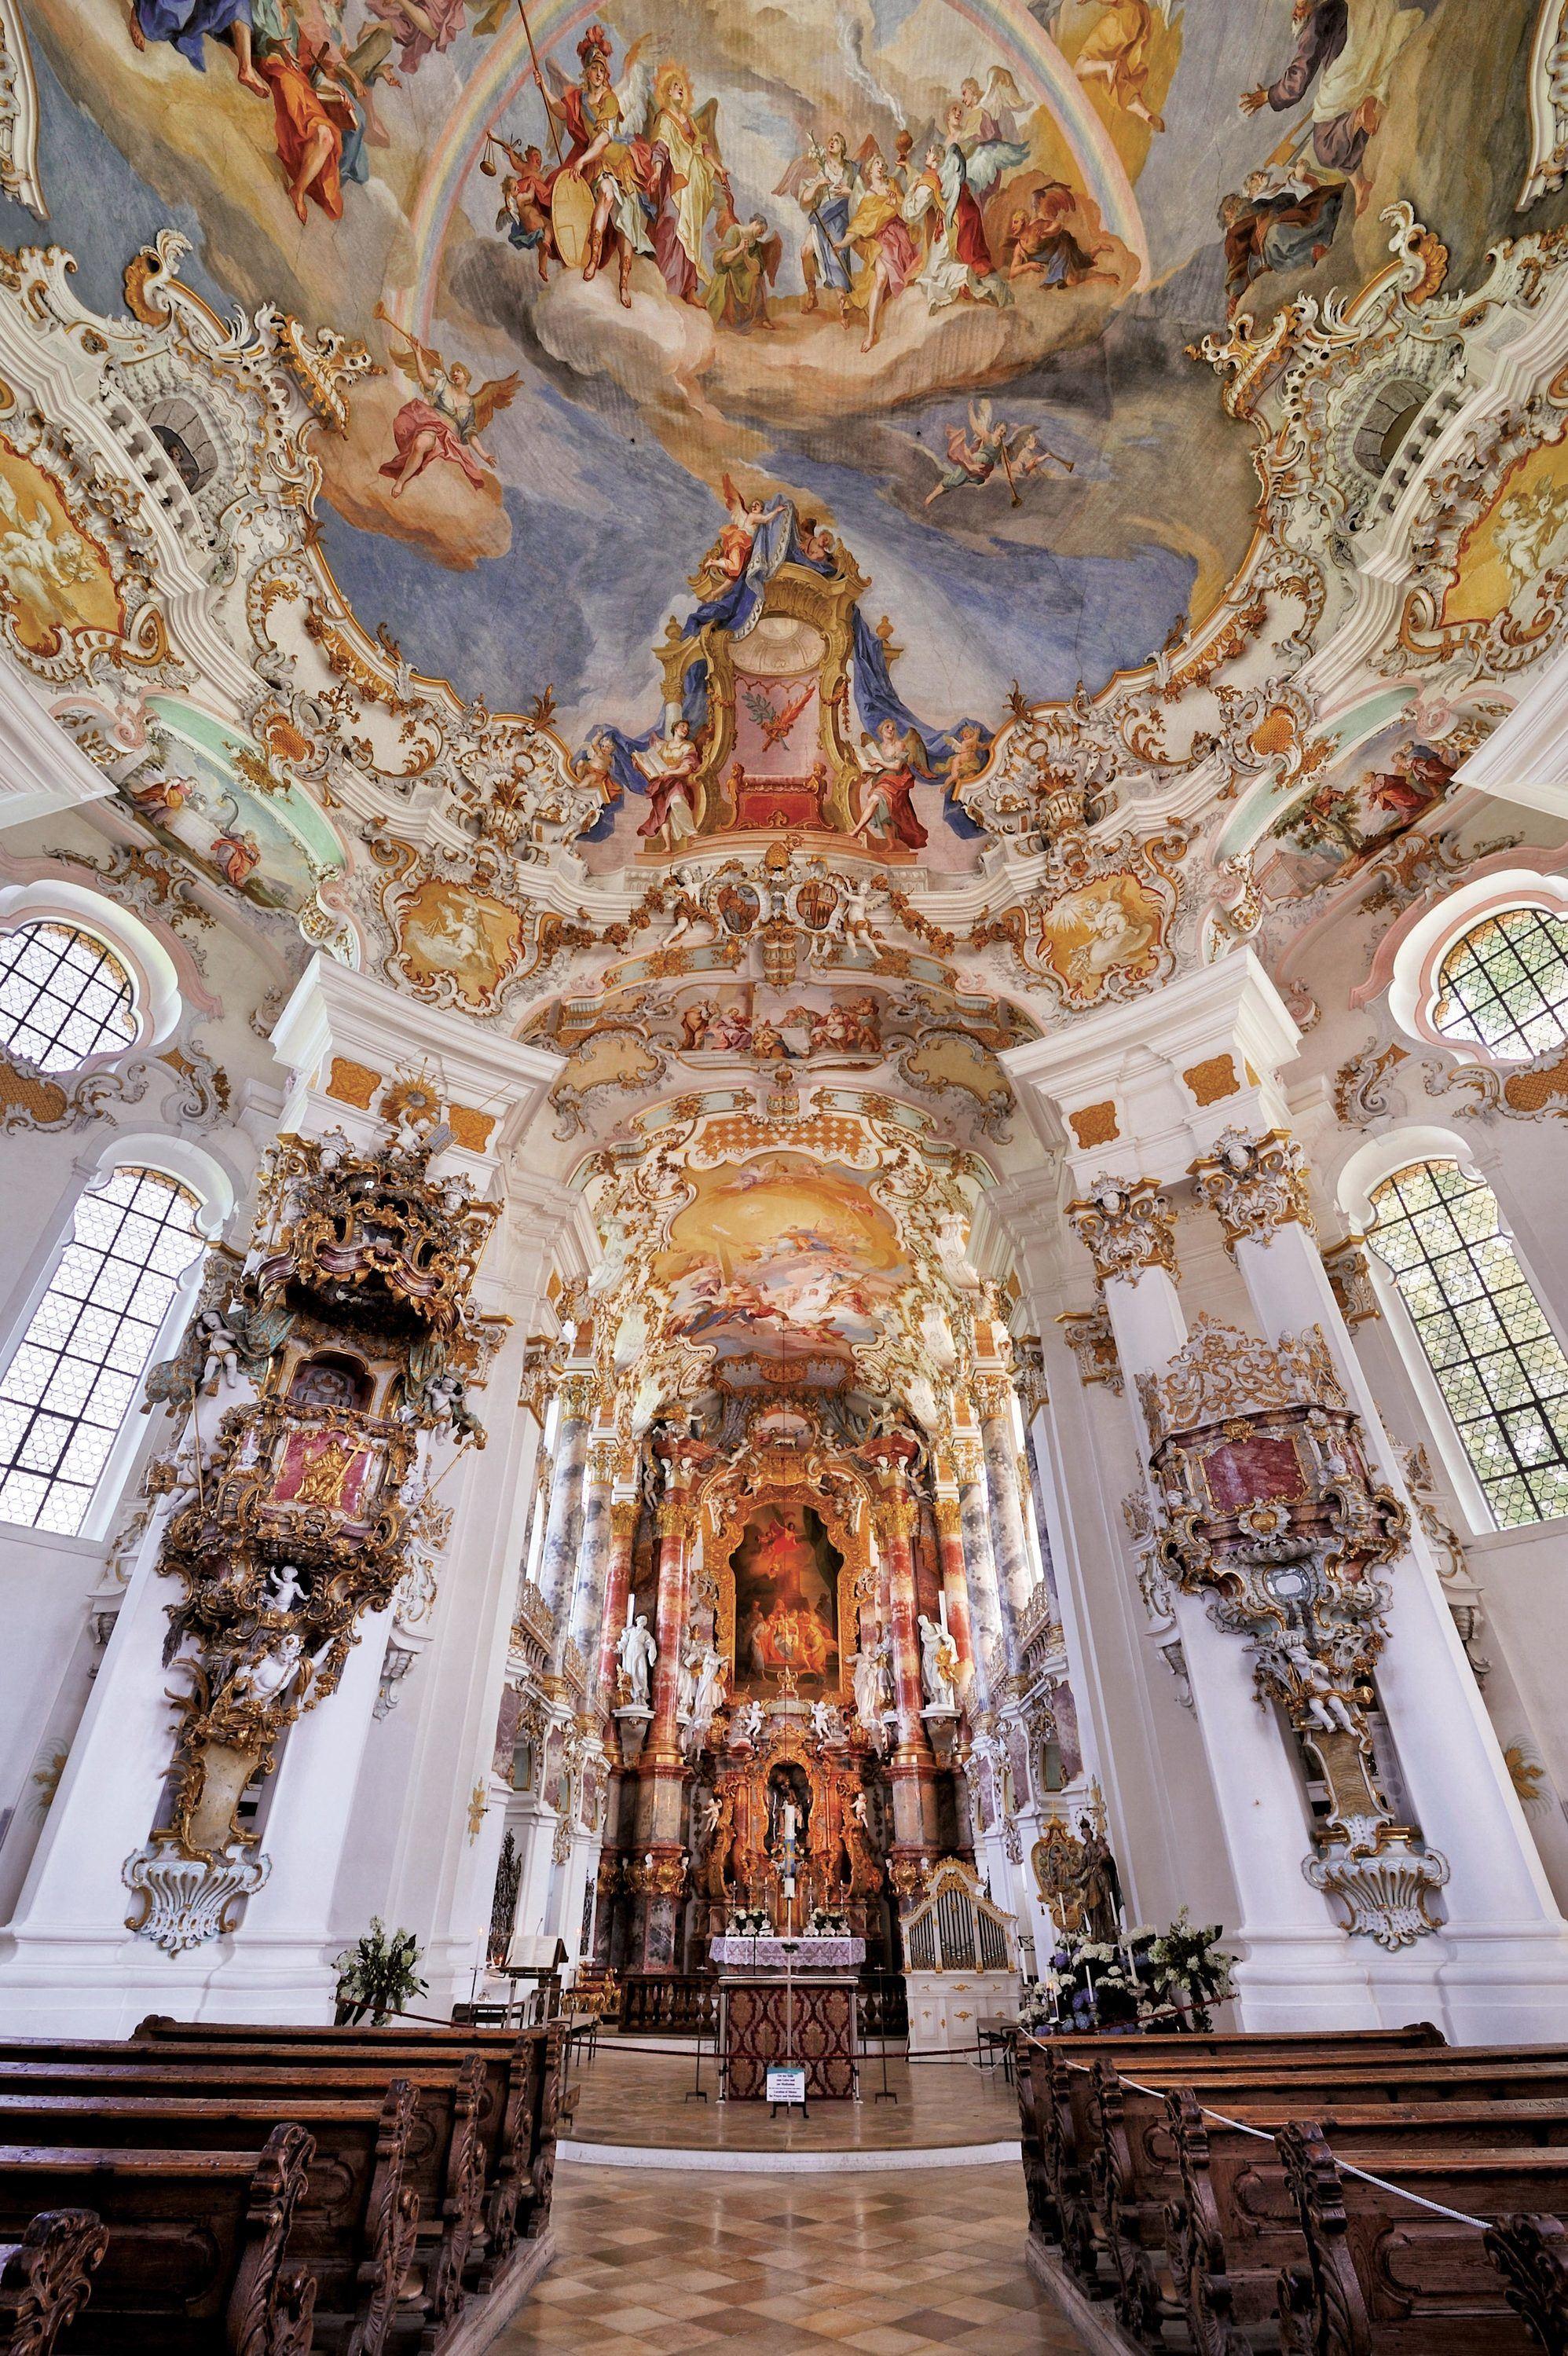 Vue intérieure de l'église de Wies (Bavière)